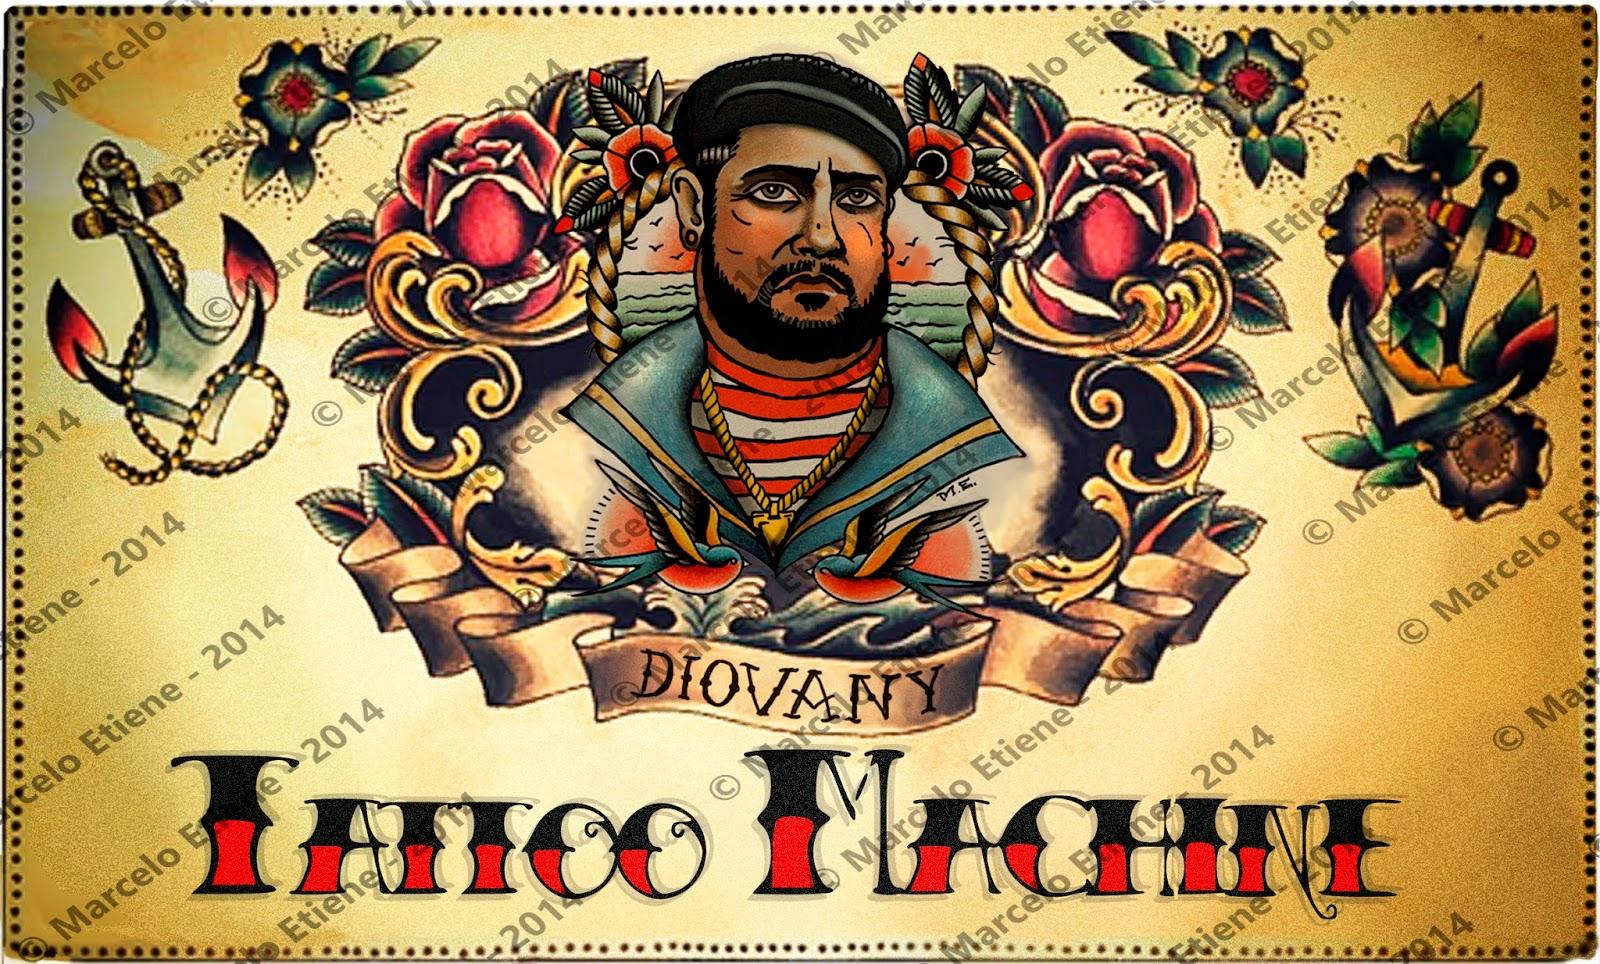 Diovany Tattoo